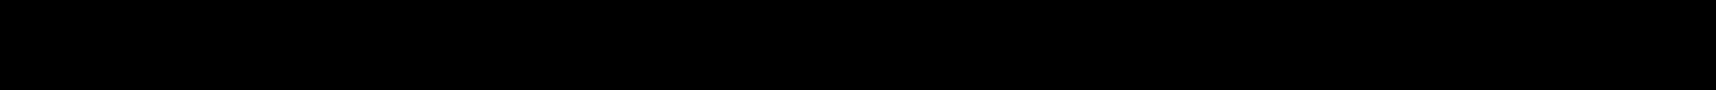 {\displaystyle {\frac {d}{dx}}\left(\sum _{k=0}^{n}{{\binom {n}{k}}\left({\frac {d^{k}}{dx^{k}}}f(x)\right)\left({\frac {d^{n-k}}{dx^{n-k}}}g(x)\right)}\right)=\sum _{k=0}^{n}{\left({\frac {d}{dx}}\left({\binom {n}{k}}\left({\frac {d^{k}}{dx^{k}}}f(x)\right)\left({\frac {d^{n-k}}{dx^{n-k}}}g(x)\right)\right)\right)}=\sum _{k=0}^{n}{{\binom {n}{k}}\left({\frac {d}{dx}}\left(\left({\frac {d^{k}}{dx^{k}}}f(x)\right)\left({\frac {d^{n-k}}{dx^{n-k}}}g(x)\right)\right)\right)}}